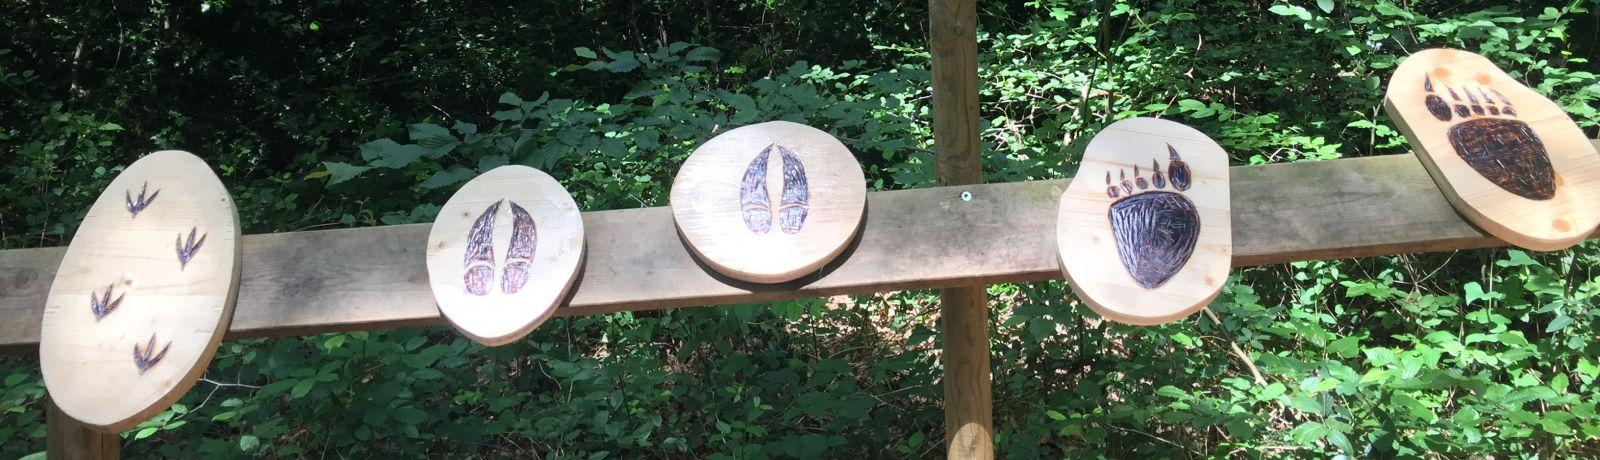 Sentier de découverte enfants - Tépacap Toulouse - Parc de Loisirs